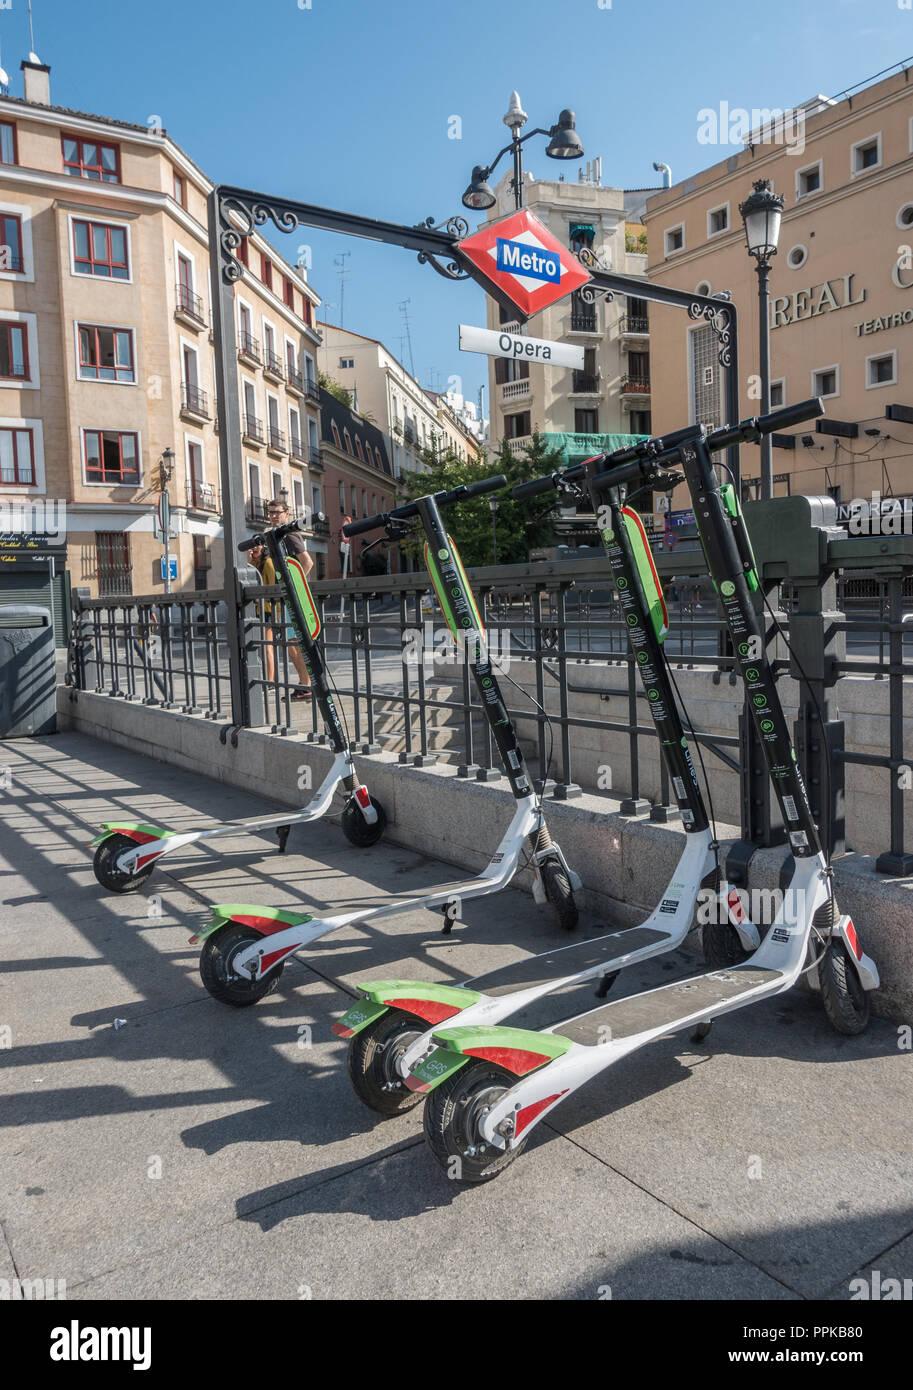 Scooters eléctricos cal estacionado en la Plaza de Isabel II, Madrid, España. Entrada de Metro Ópera de fondo. Cal-S scooters llegó a Madrid, en agosto de 2018. Imagen De Stock